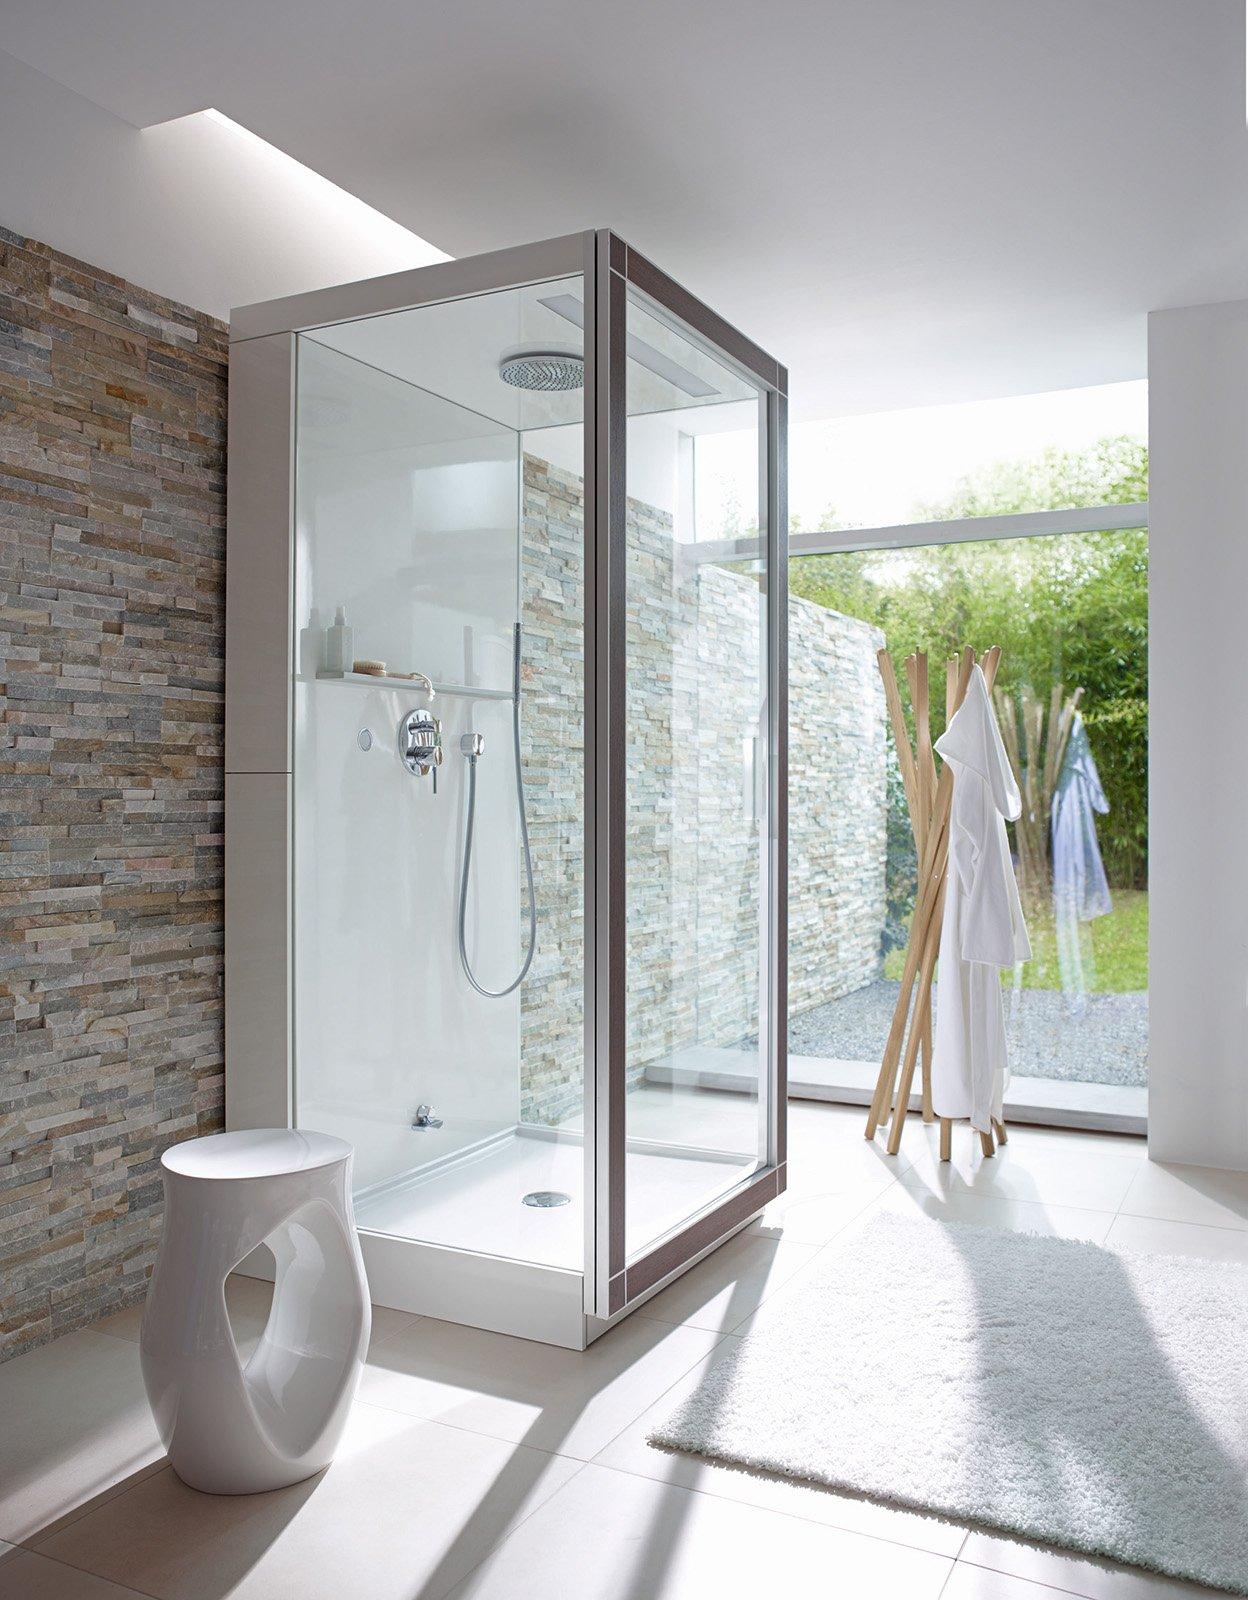 Bagno idromassaggio in vasca o doccia per un benessere - Bagno con vasca ...